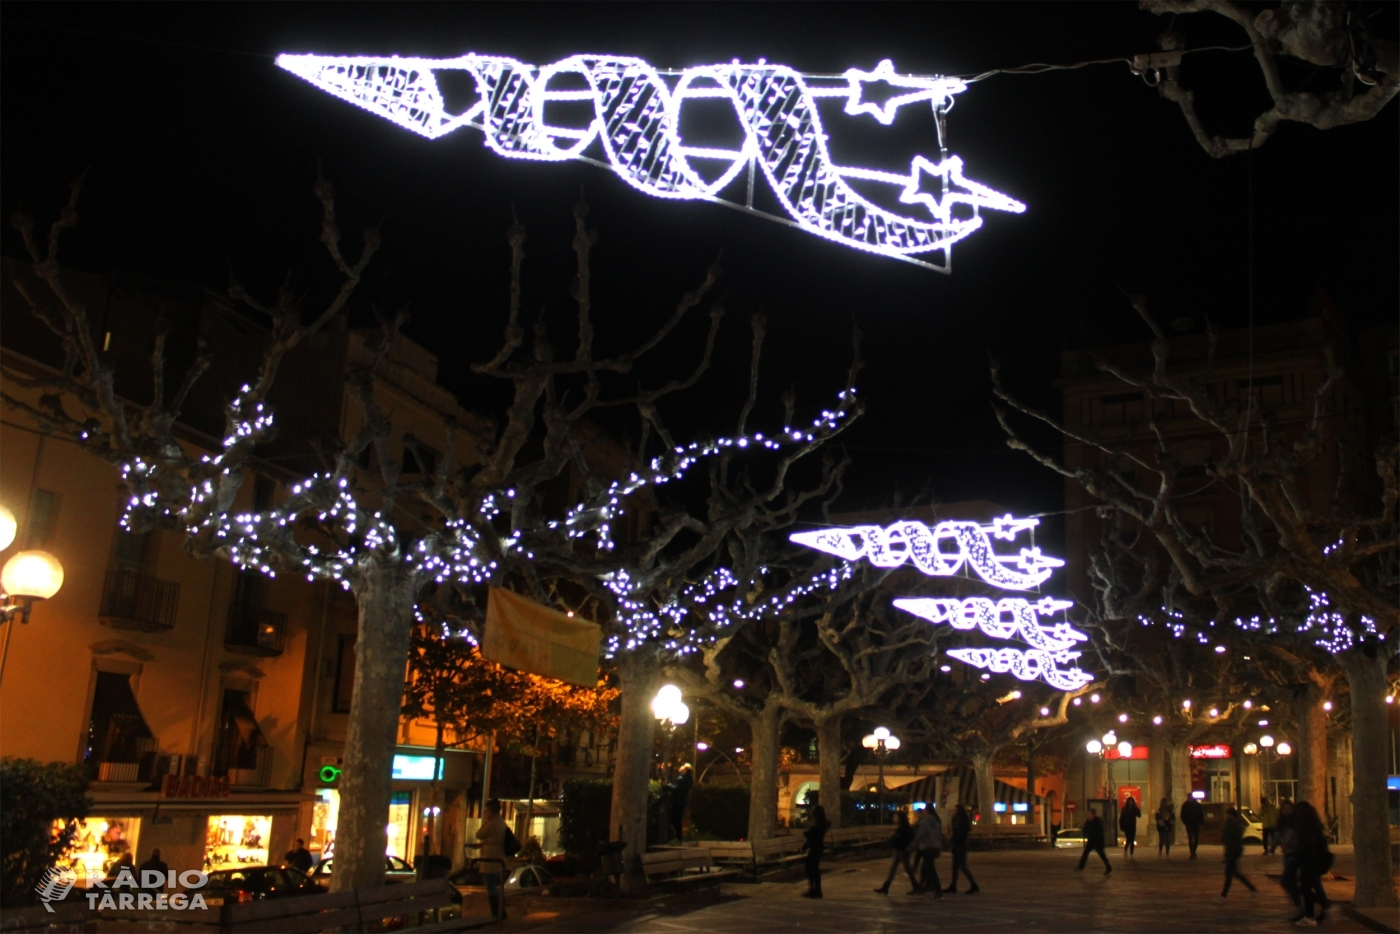 L'Ajuntament de Tàrrega anuncia que es farà càrrec de la instal·lació de l'enllumenat de Nadal dels carrers de la ciutat aquest any